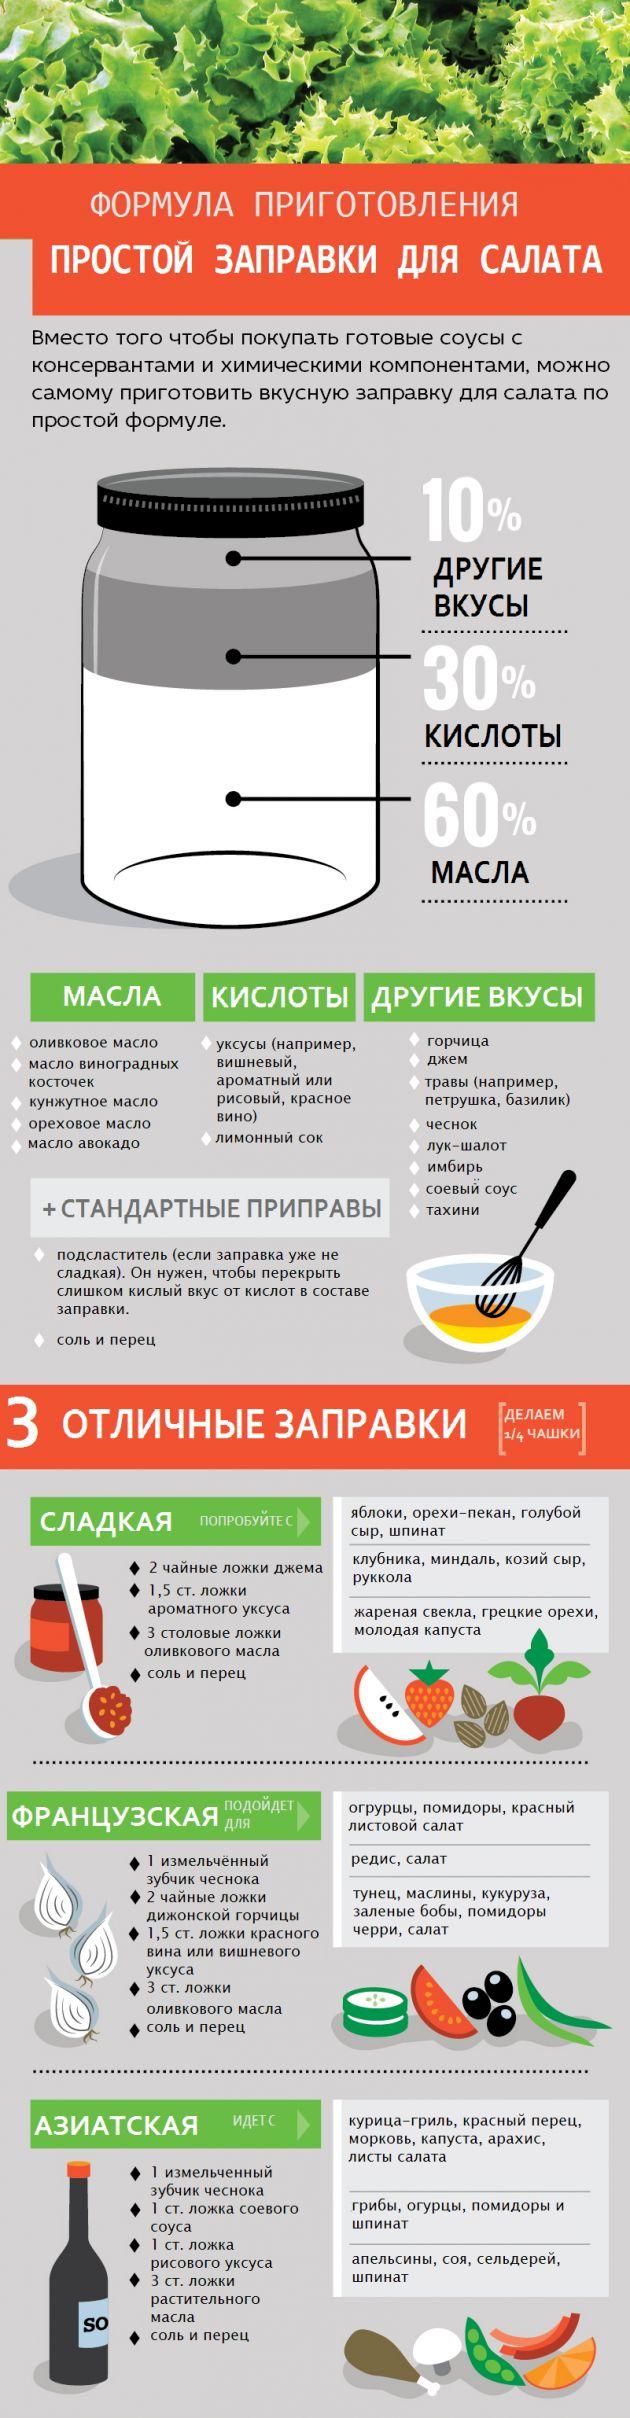 как сделать полезную заправку для салата